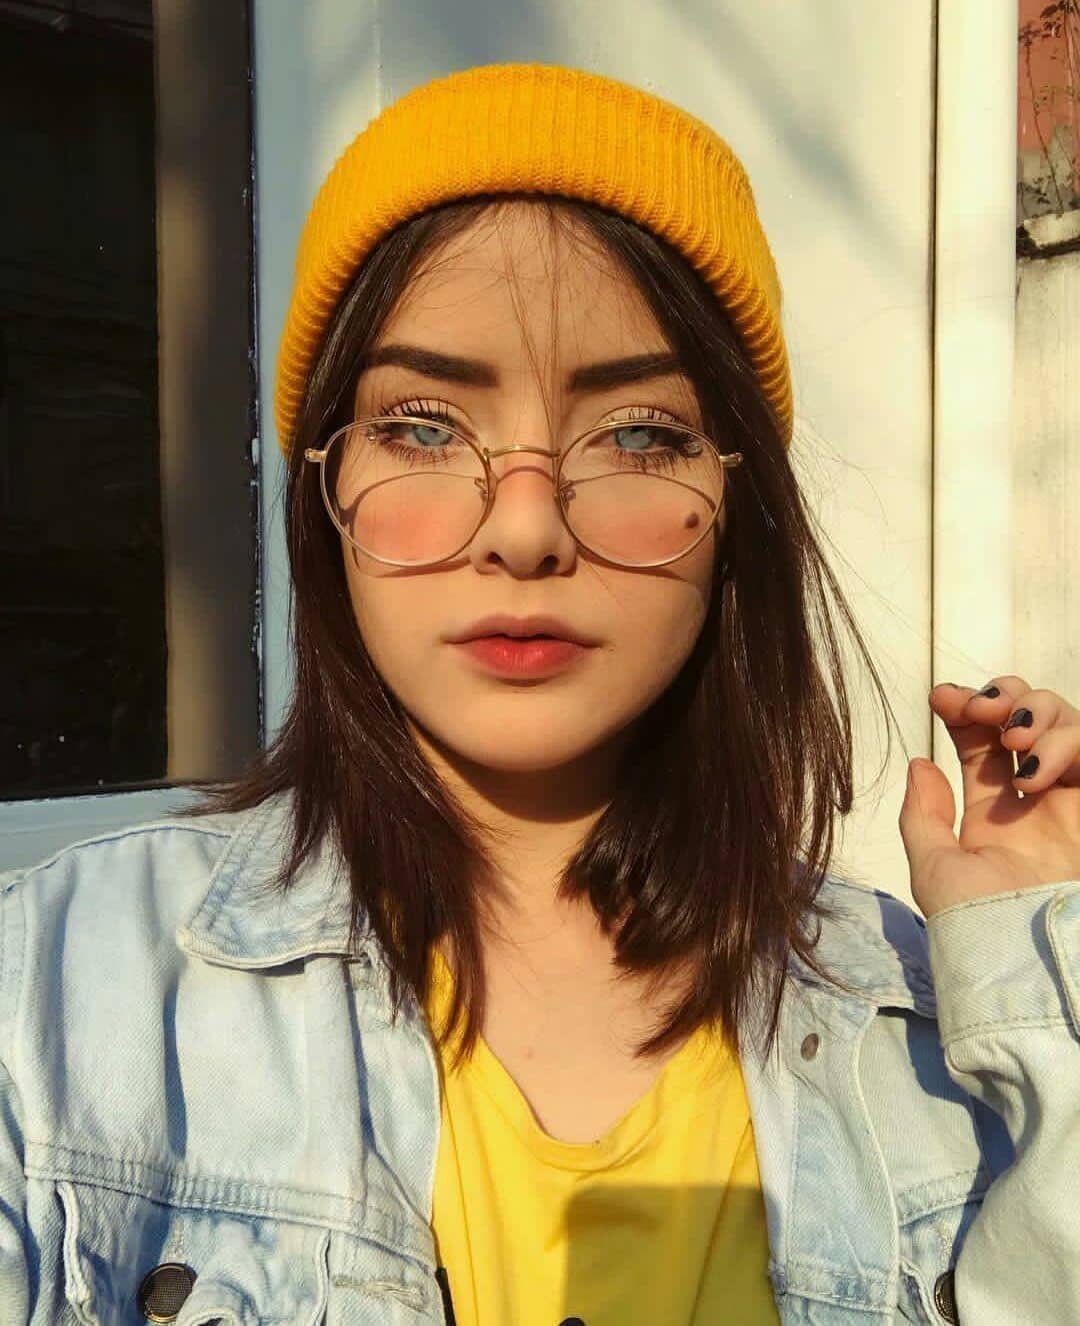 Épinglé par khaoula smiley rainbow sur photoshoot en 2019